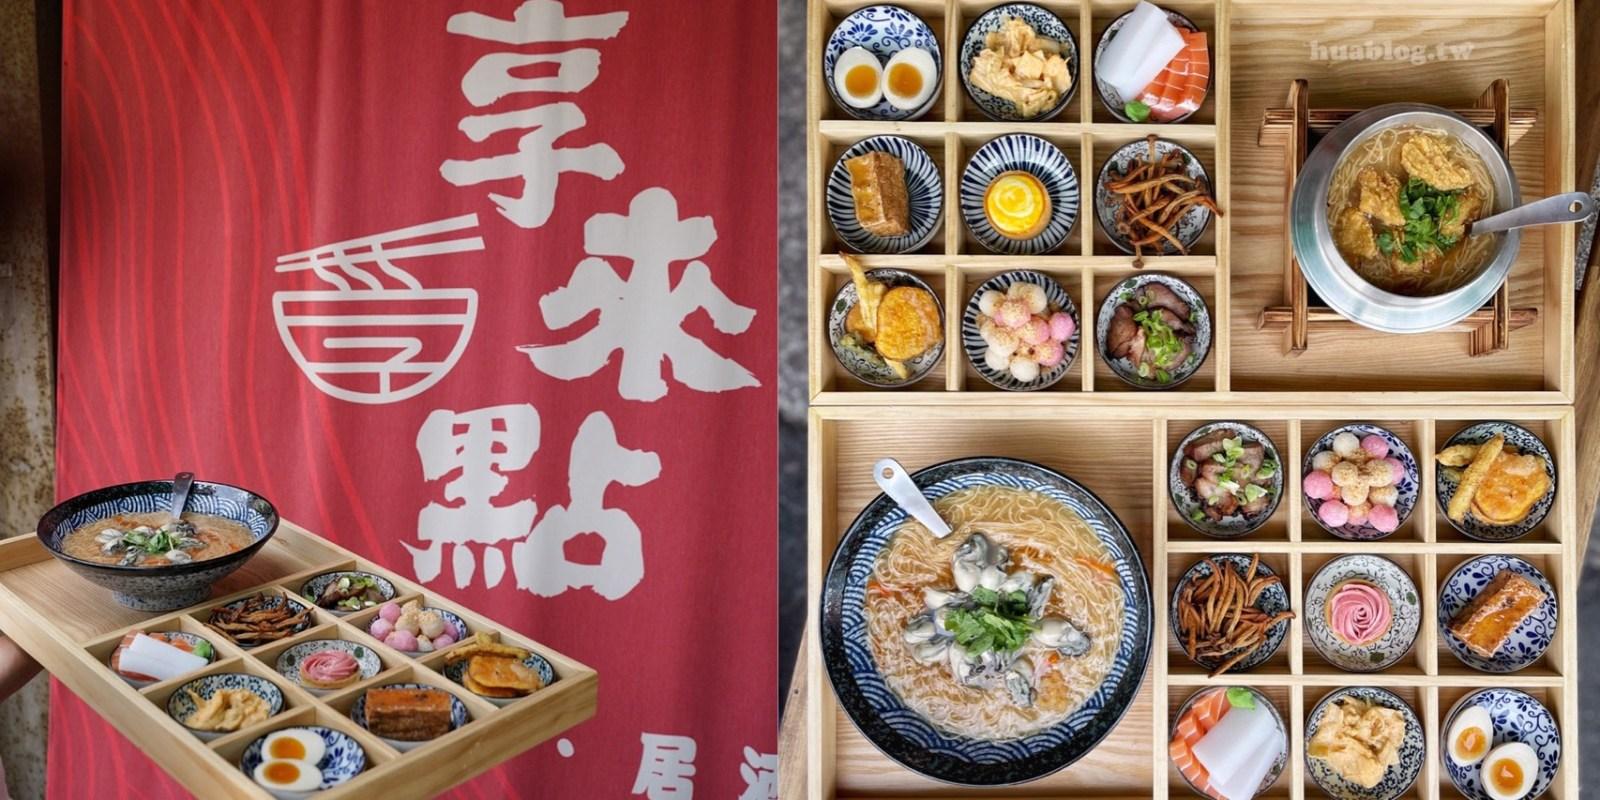 今晚『享來點』台東石媽媽30年經驗的老麵線糊!新推出九宮格套餐讓你一次滿足!老屋改建的店鋪,用餐氛圍讓你一秒置身在日本街頭!